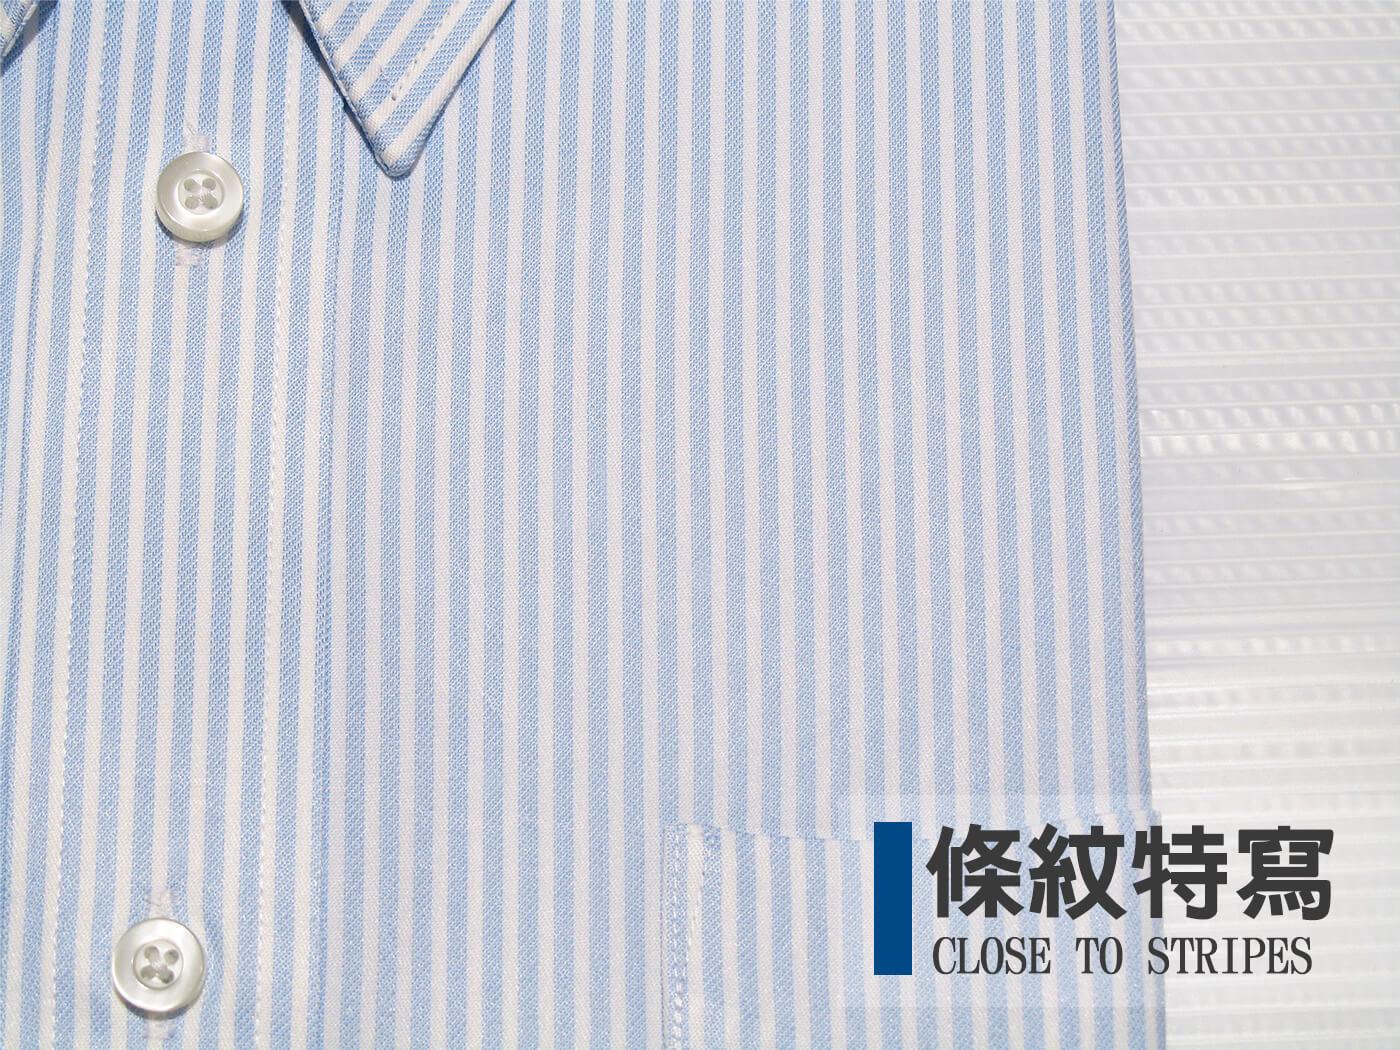 腰身剪裁防皺襯衫 吸濕排汗機能布料直條紋襯衫 柔軟舒適標準襯衫 正式襯衫 保暖襯衫 面試襯衫 上班族襯衫 商務襯衫 長袖襯衫 (322-3971)白色條紋、(322-3972)藍白條紋、(322-3976)藍點條紋、(322-3978)紫白條紋 領圍:15~18英吋 [實體店面保障] sun-e322 5